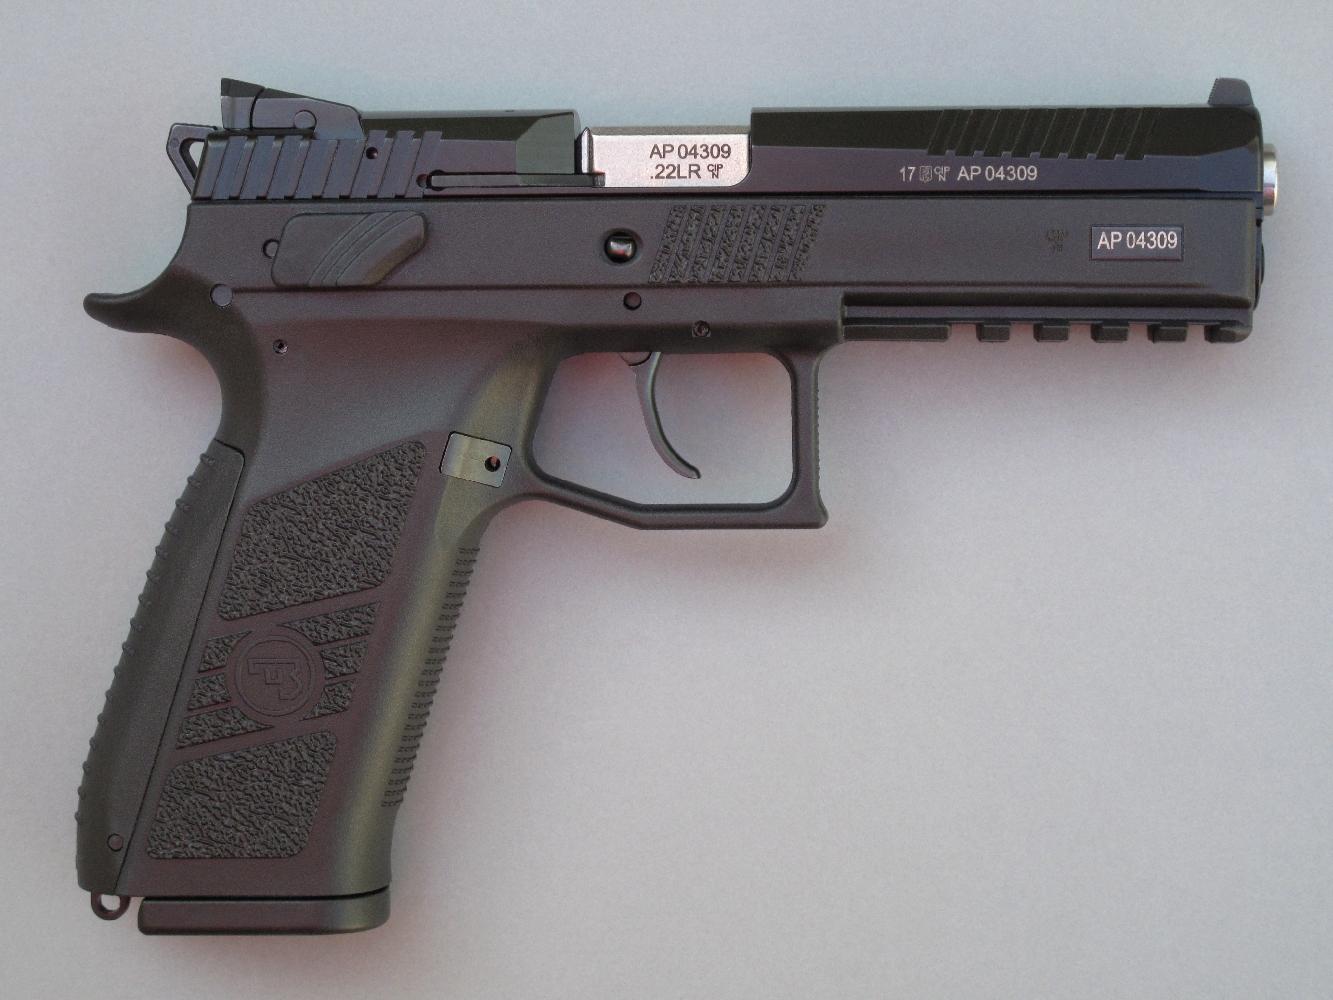 Le CZ P-09 Kadet reprend scrupuleusement l'aspect, les dimensions et les caractéristiques du CZ P-09 de calibre 9 mm Parabellum.